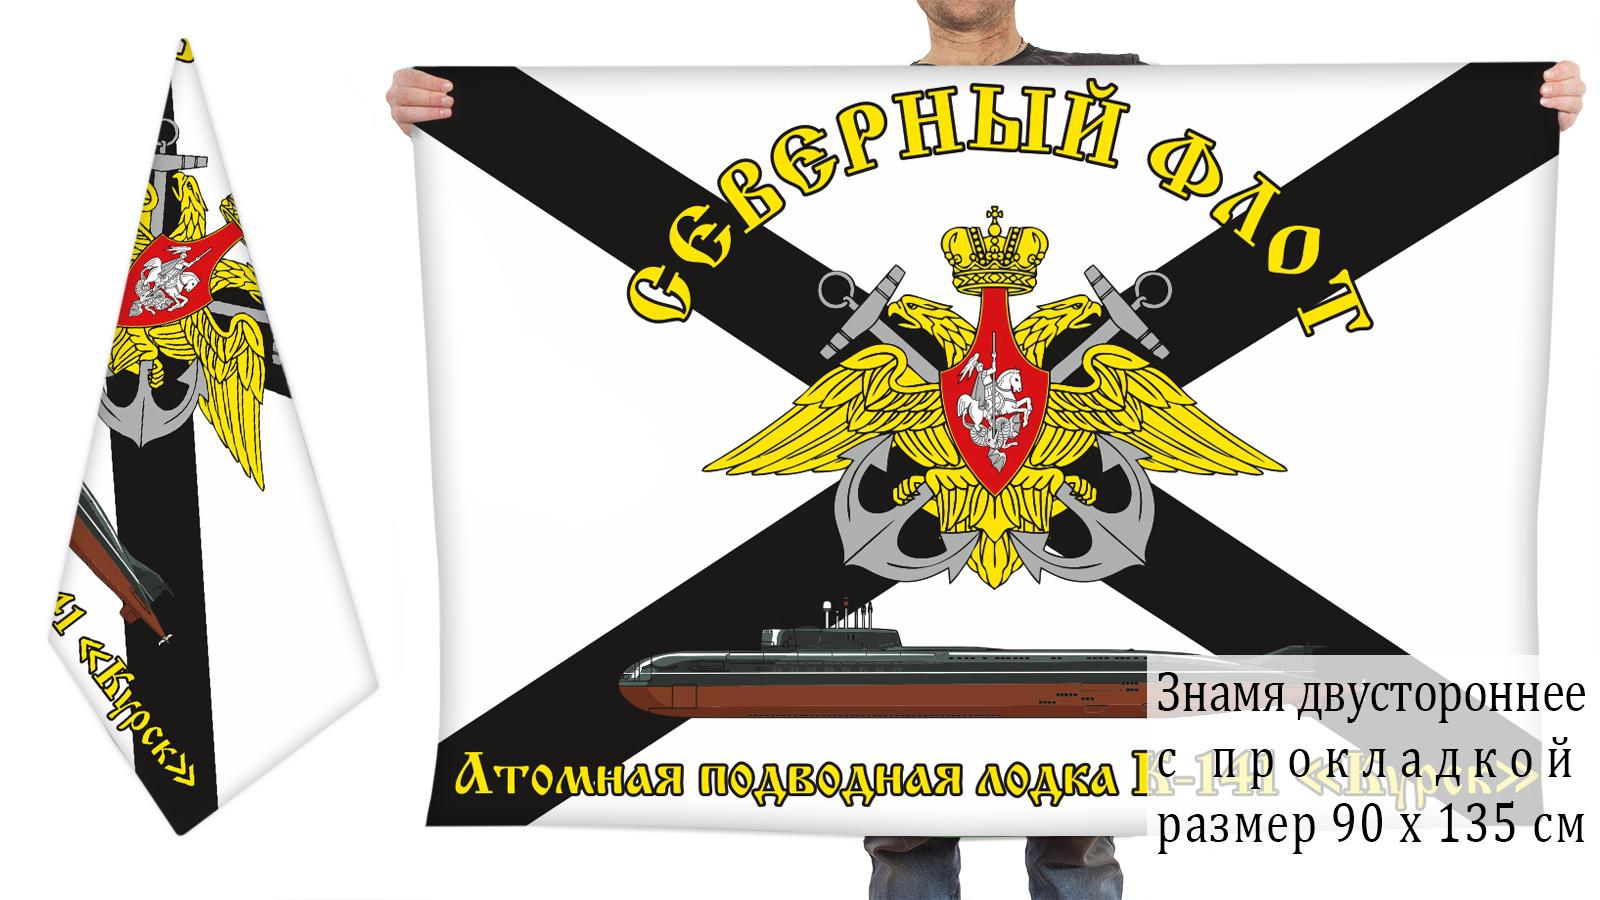 Флаг Атомная подводная лодка К-141 Курск, Северный флот